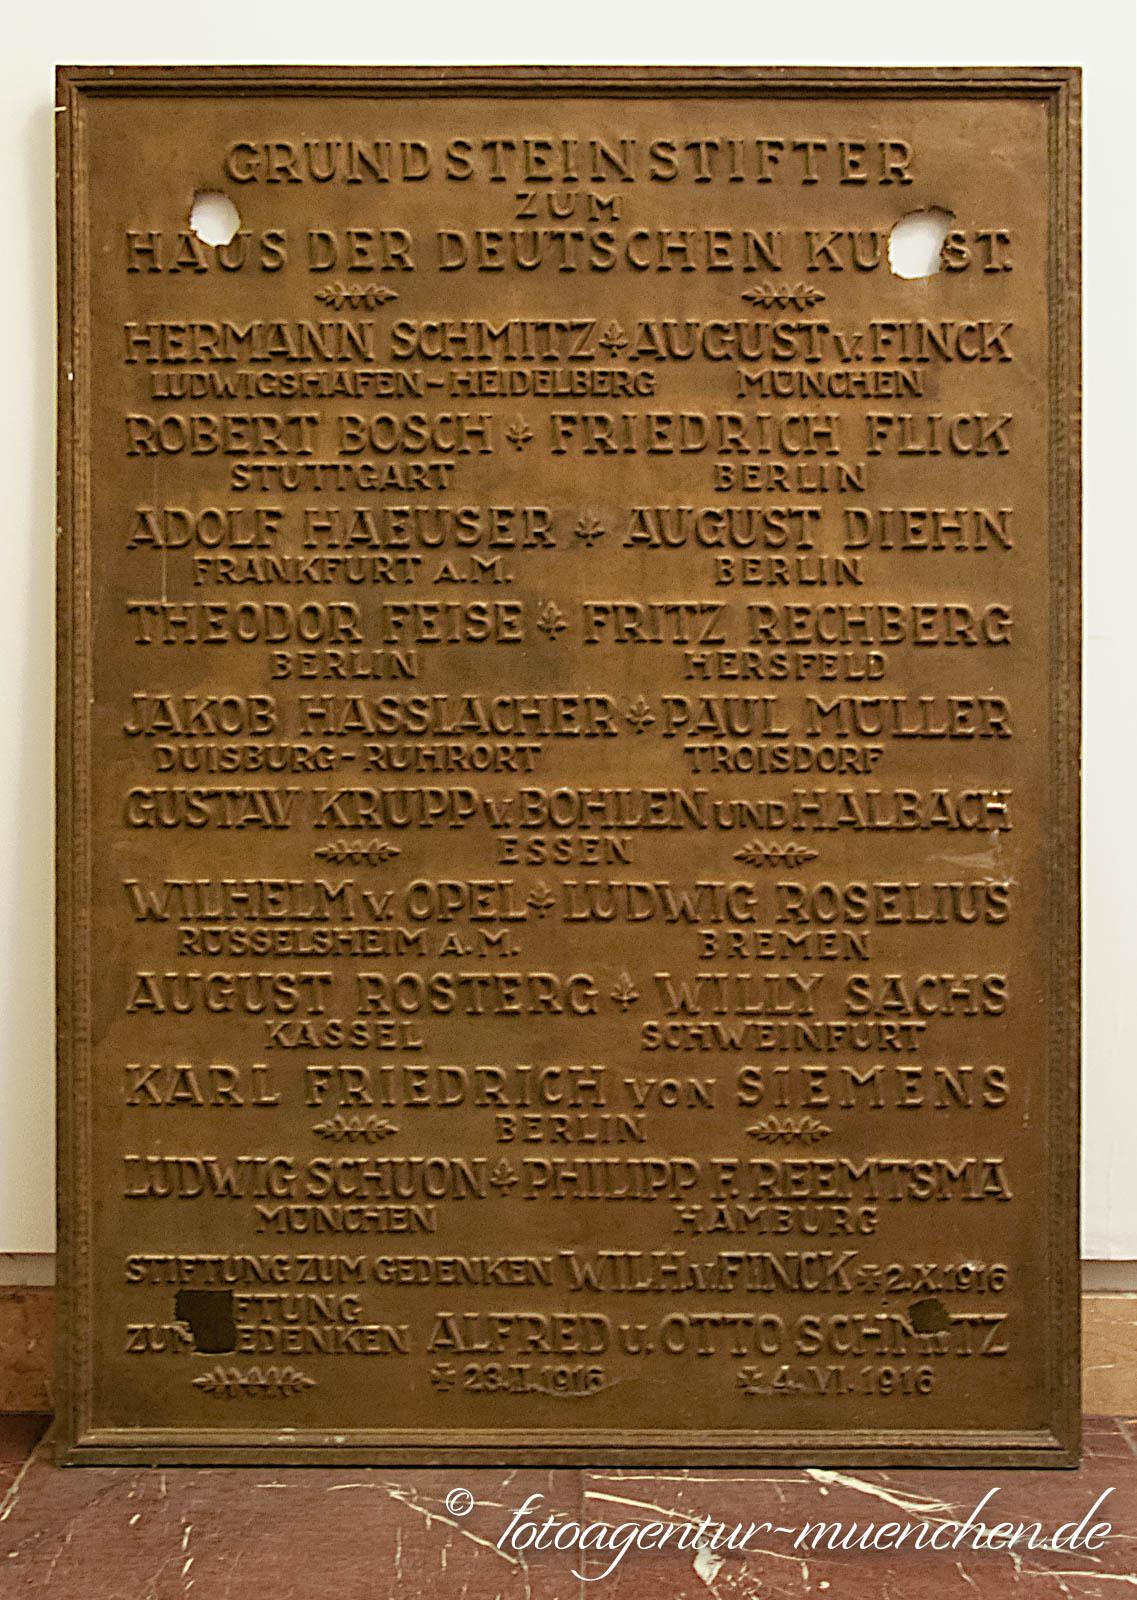 Grundsteinstifter zum Haus der Deutschen Kunst